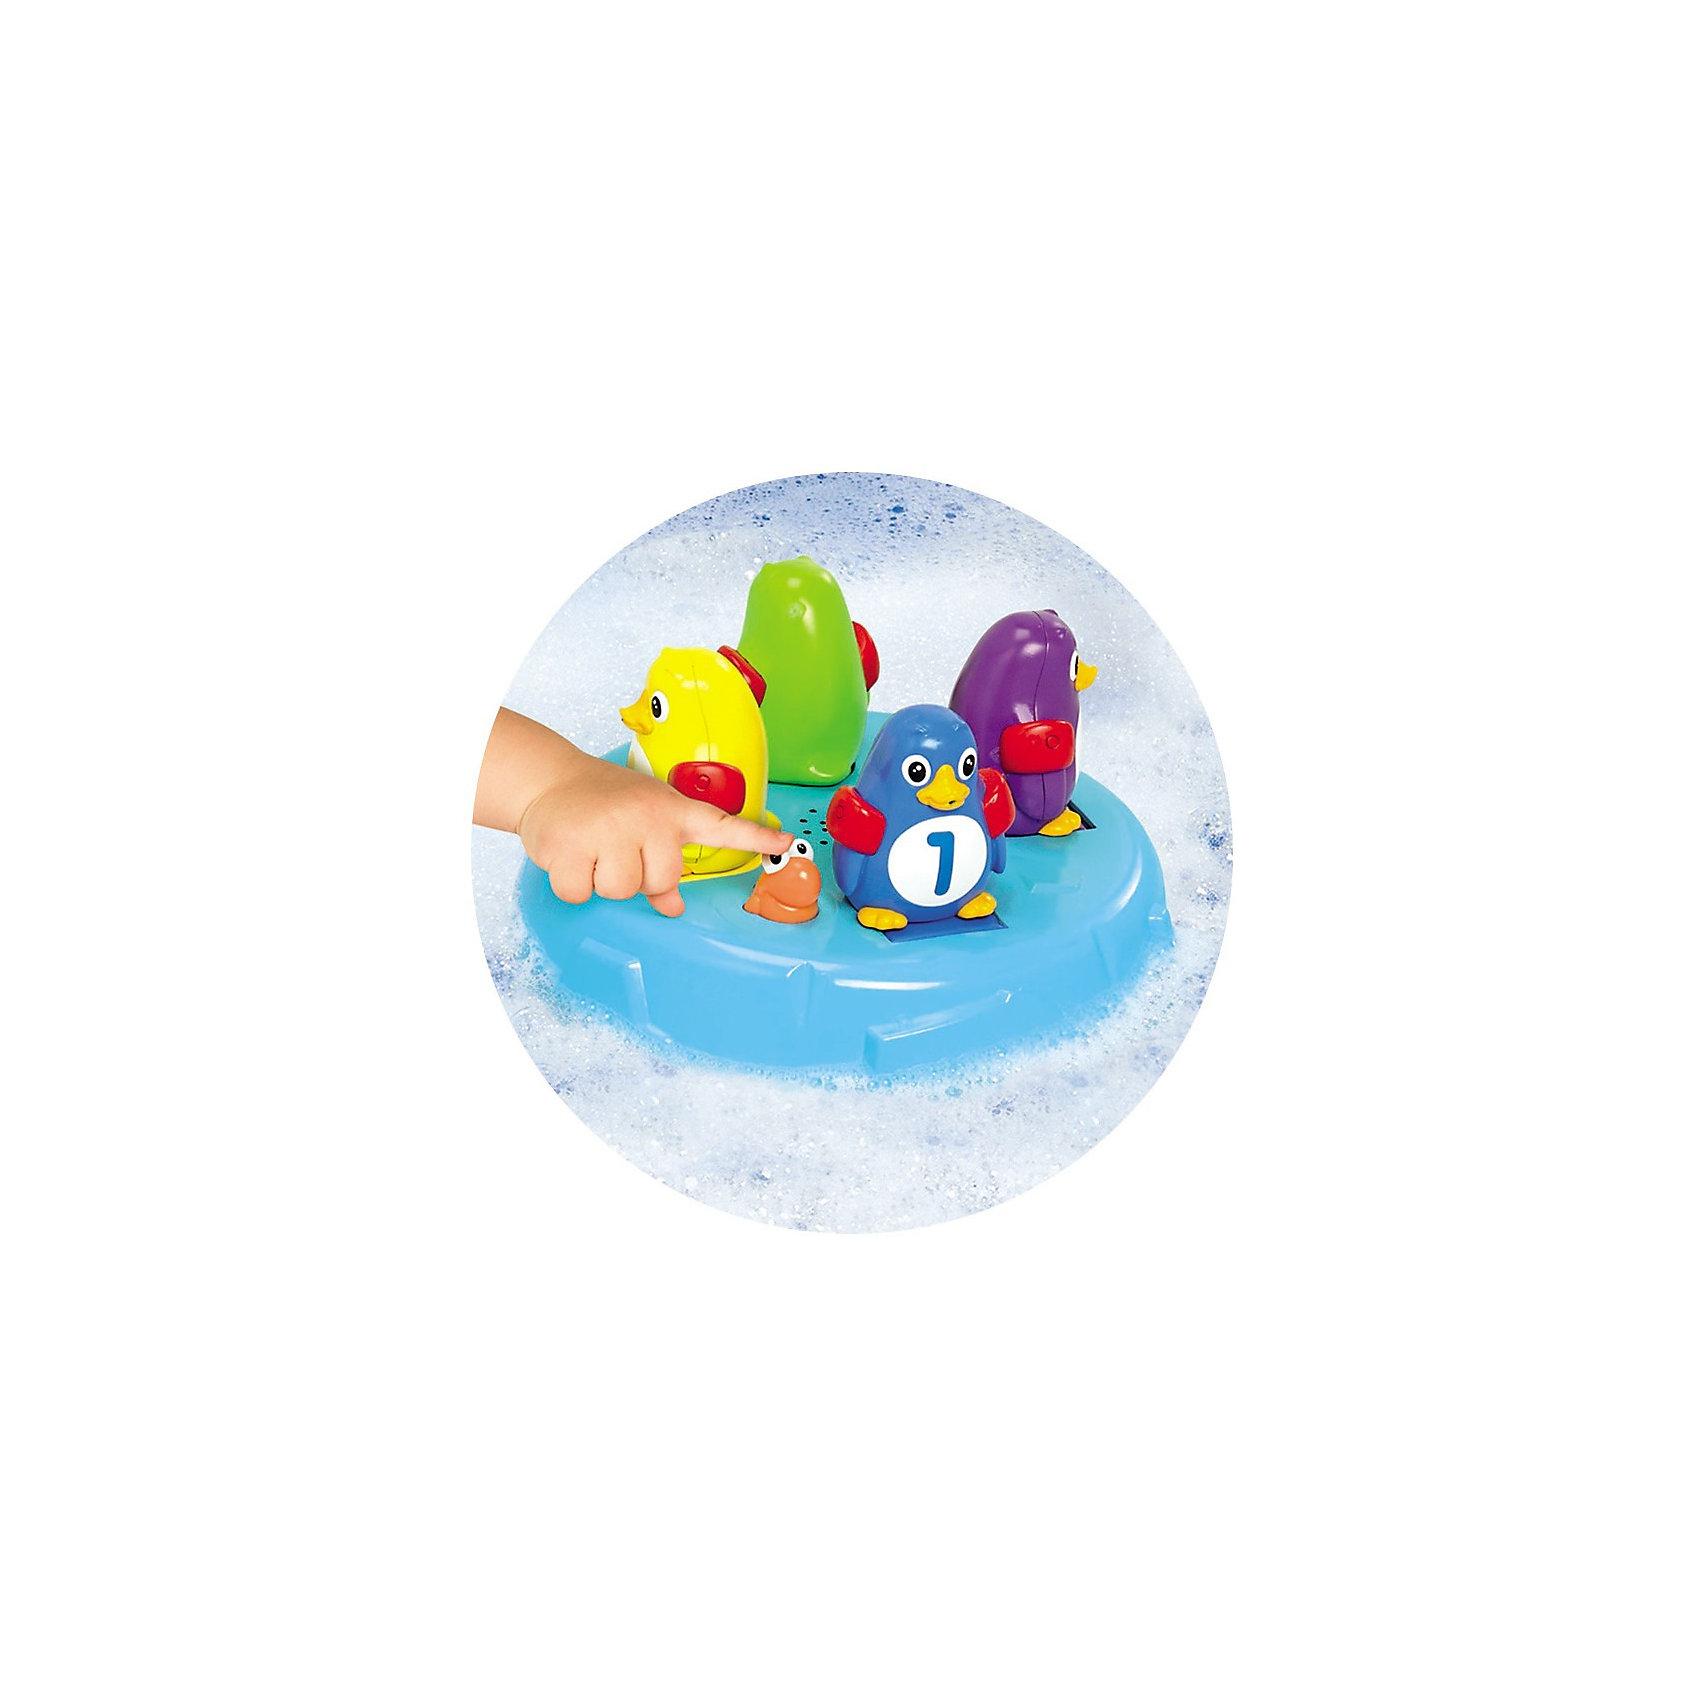 Игрушка для ванной Остров Пингвинов-Прыгунов, TOMYИдеи подарков<br>Игрушка для ванной  Островок Прыгунов Пингвинов от известной японской компании Томи сделает купание Вашего малыша весёлым и увлекательным!  <br>пингвинчику нужно занять платформу своего цвета. Все готовы?  Нажимаем на рыбку и под веселую музыку наши пингвины начинают по порядку  прыгать в воду, 1-й, 2-й, 3-й и 4-й. Можно вместе с малышом  попробовать поймать прыгающих пингвинов. Не получилось? Давайте попробуем снова! <br>Эта увлекательная игрушка подарит Вам и Вашему малышу много радостных минут во время купания! <br>Все игрушки Томи отличает высочайшее японское качество, уровень безопасности и надежность.<br><br>Дополнительная информация:<br><br>В комплекте:  островок с рыбкой и 4 разноцветных пингвина. <br>Работает от 3-х  батареек  ААА ( в комплект не входят)<br>Размеры упаковки: 28 x 28 x 8.5 см.<br><br>Игрушка для ванной Остров Пингвинов-Прыгунов, TOMY (Томи) можно купить в нашем магазине.<br><br>Ширина мм: 286<br>Глубина мм: 283<br>Высота мм: 91<br>Вес г: 748<br>Возраст от месяцев: 18<br>Возраст до месяцев: 36<br>Пол: Унисекс<br>Возраст: Детский<br>SKU: 3590470